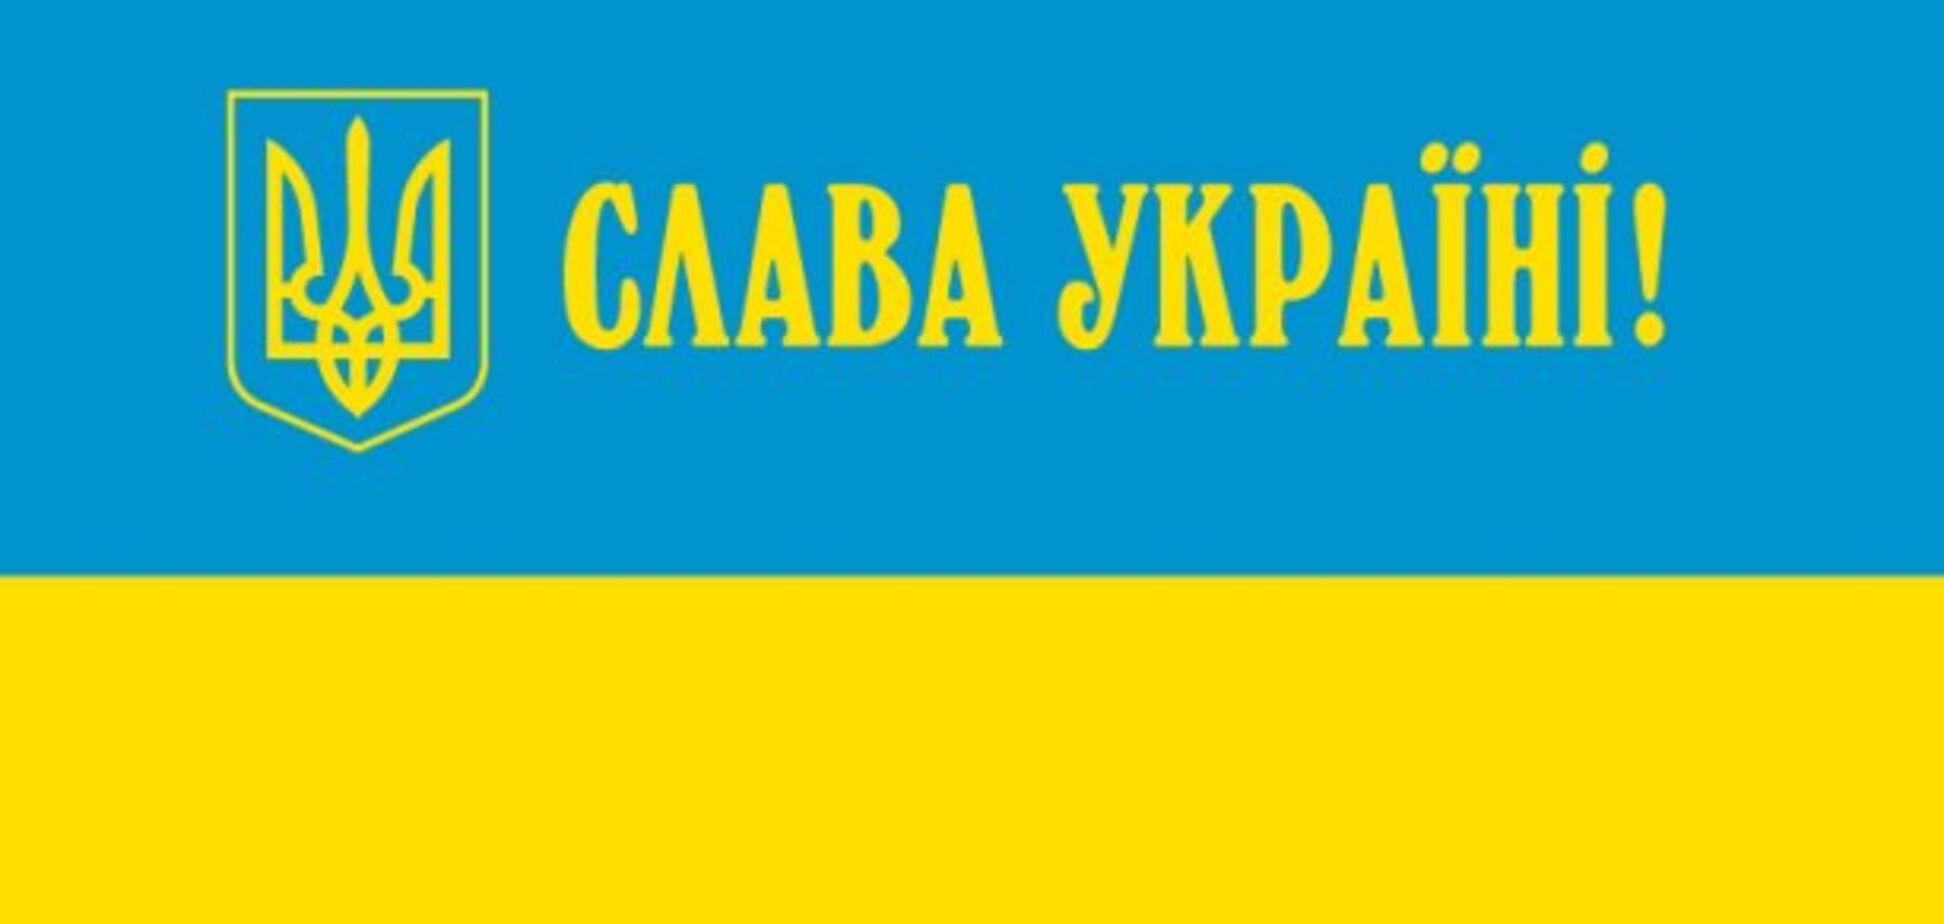 'Слава Україні!': що ми маємо знати про історію гасла